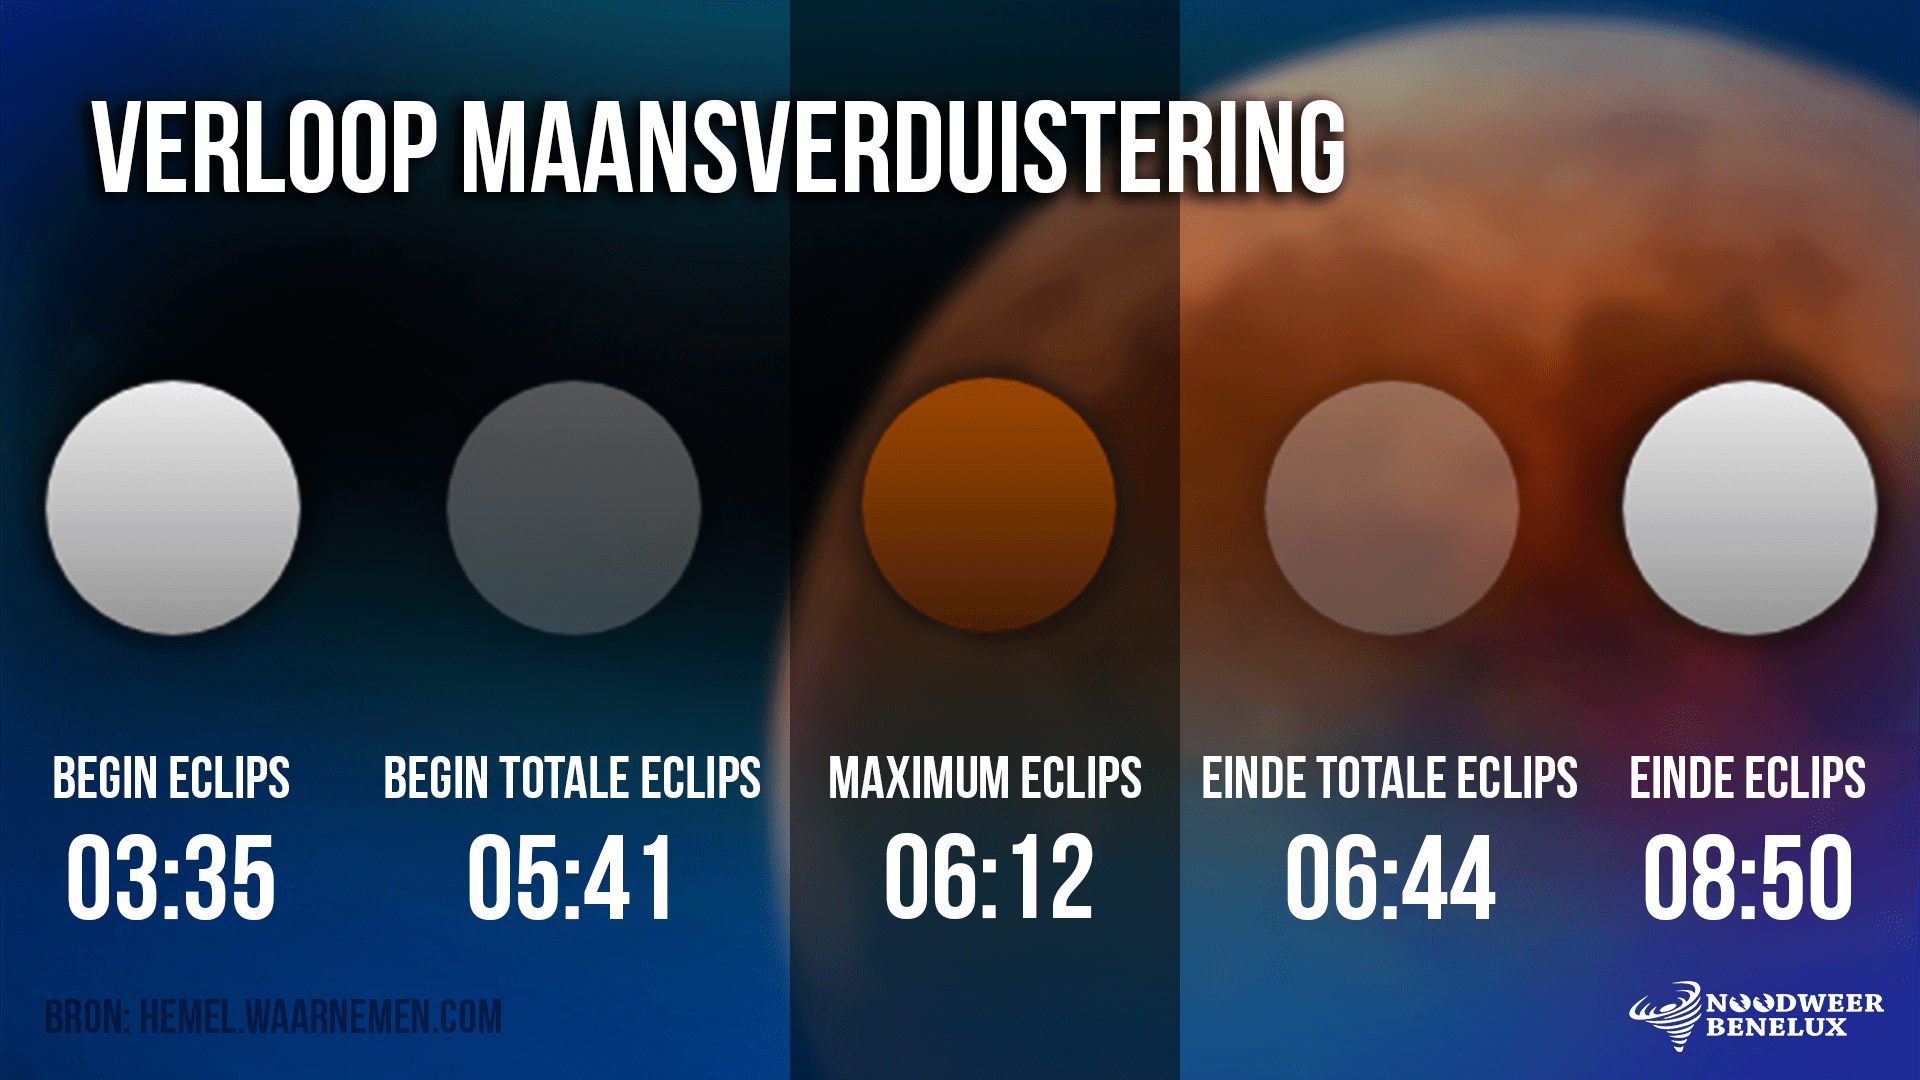 Het verloop van de totale maansverduistering van komende nacht. Het schouwspel begint om 03.35u en eindigt om 08.50u.